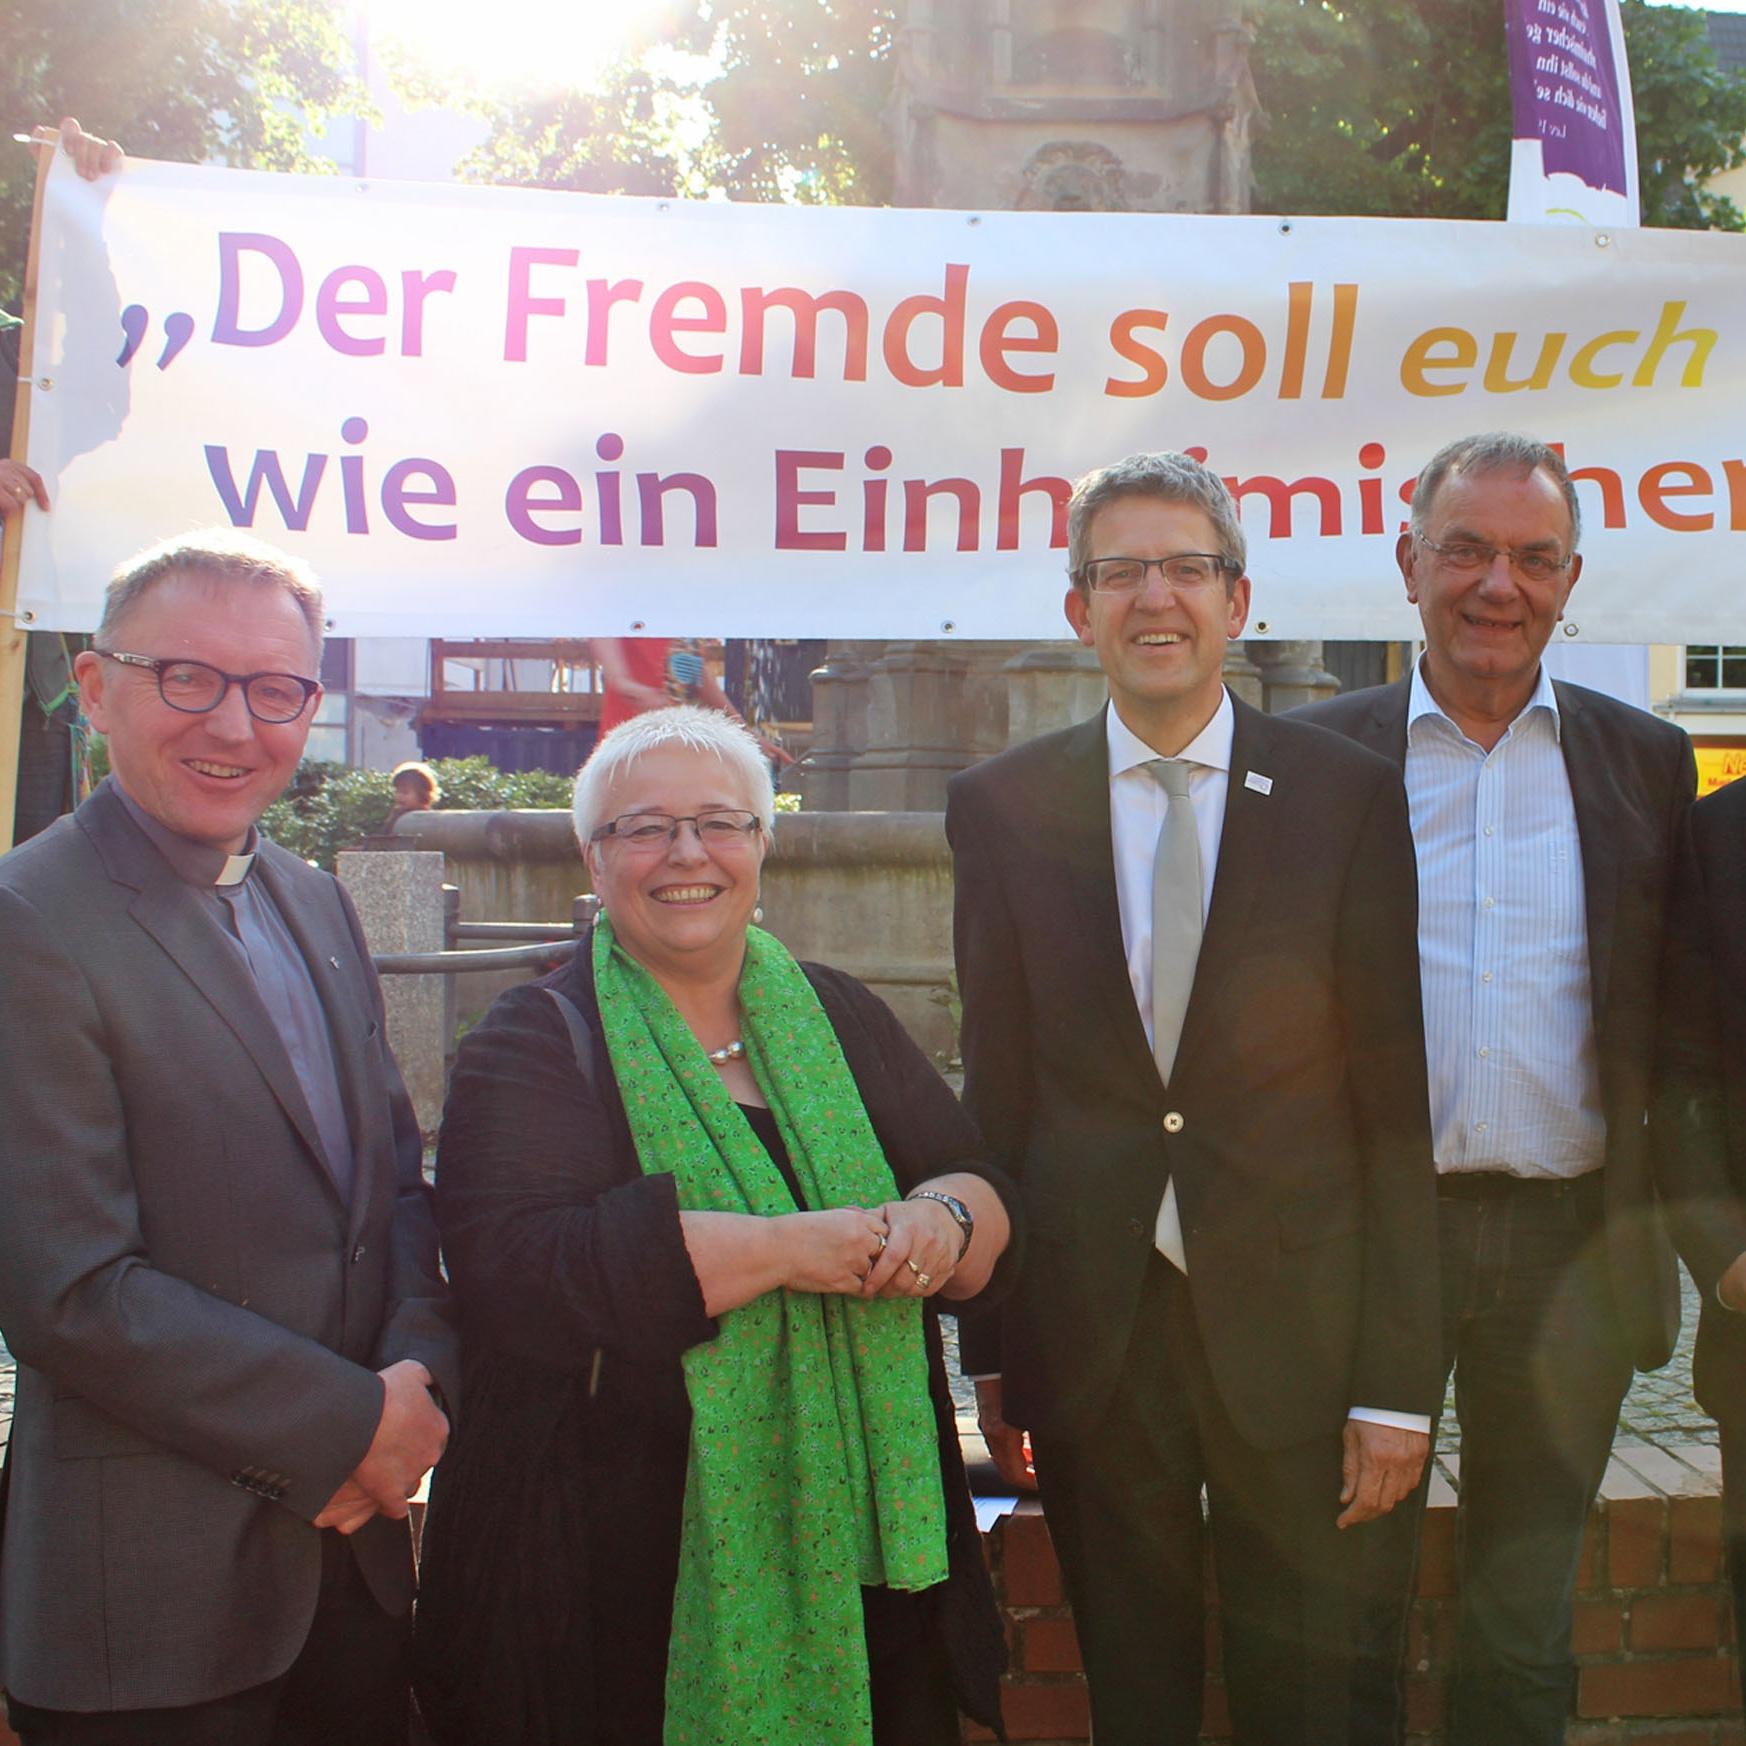 Religion gehört zu Deutschland Für Religionsfreiheit, Demokratie und Nächstenliebe